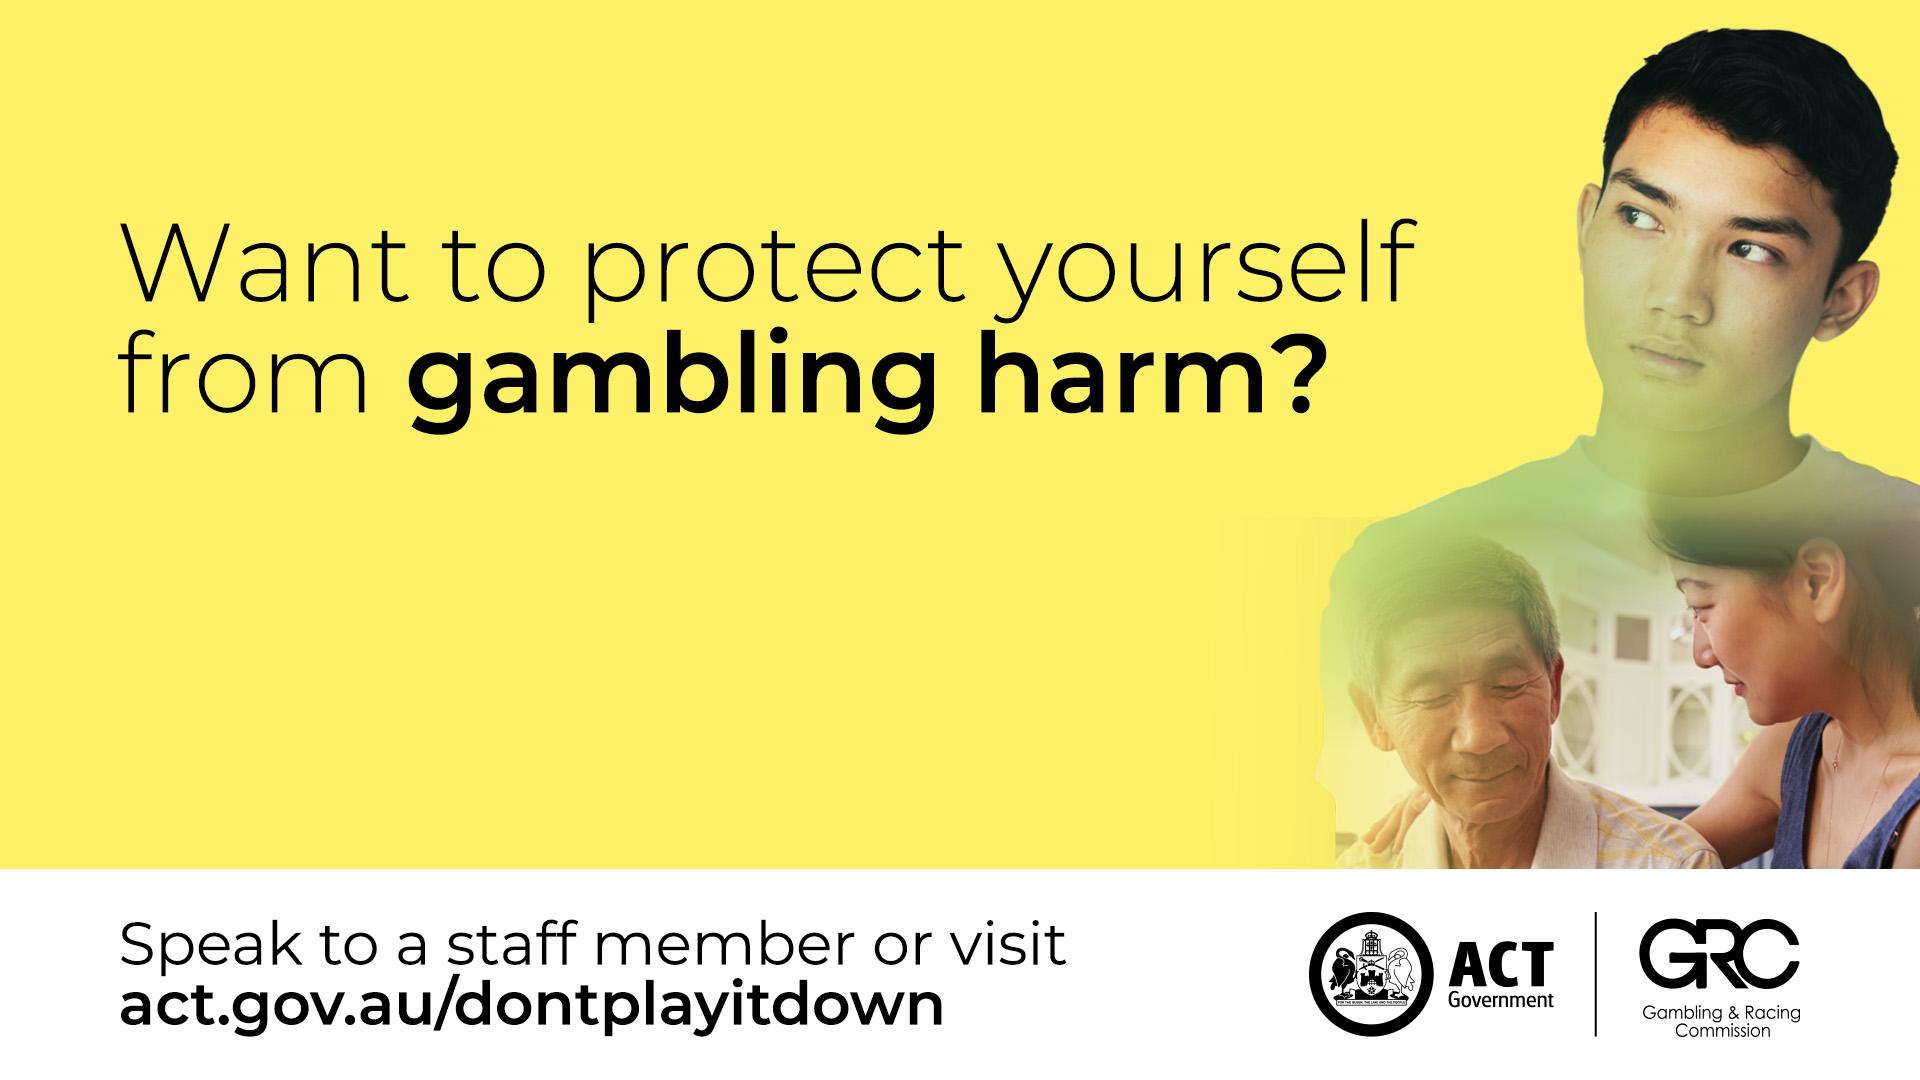 GRC Gambling Harm Ad Spending Less Time Elderly 1920x1080